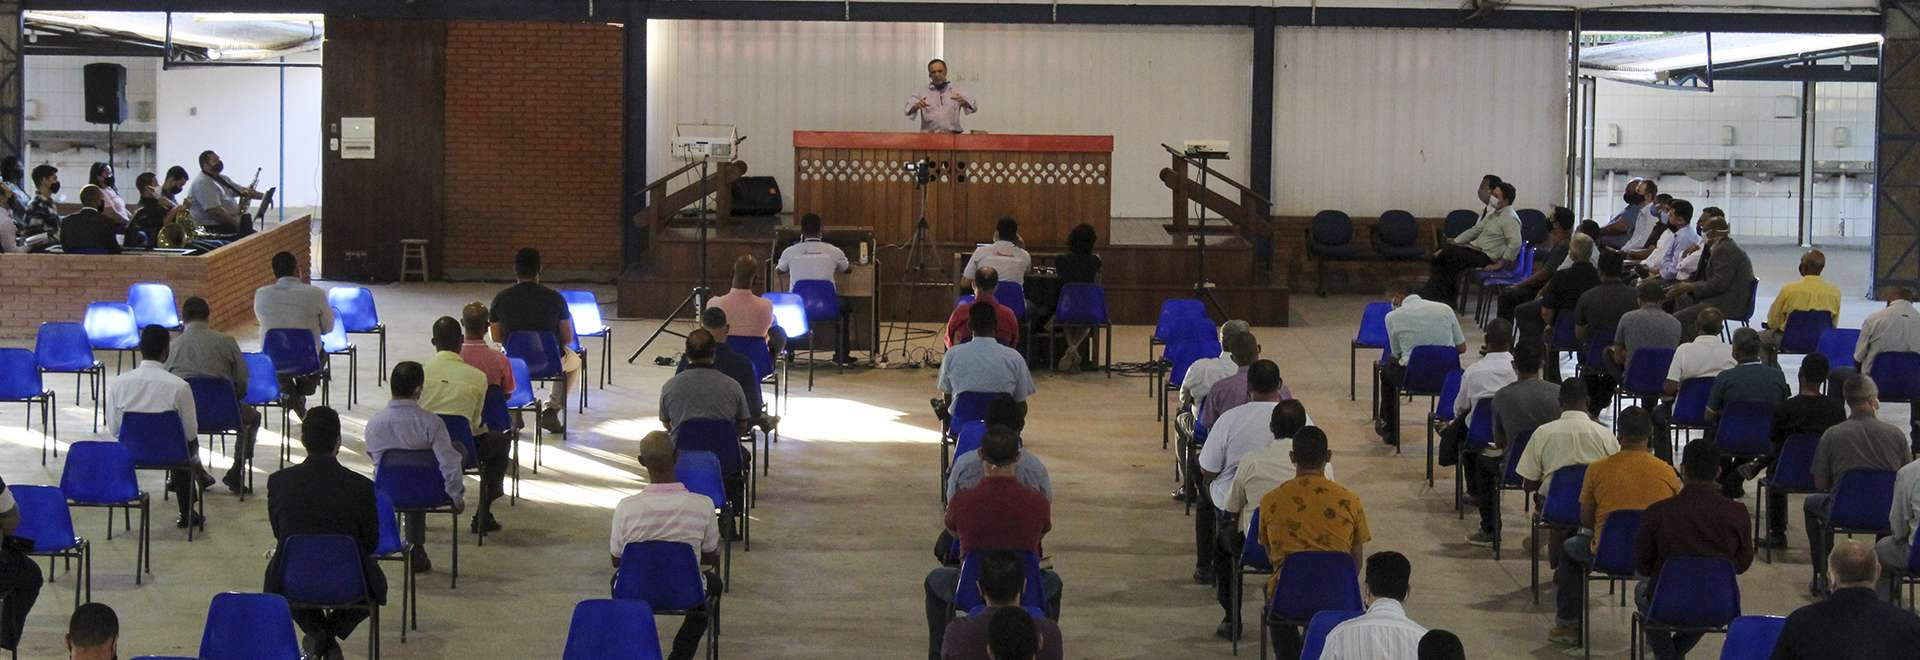 Evento da Igreja Cristã Maranata reúne obreiros, diáconos e pastores da área de Terra Vermelha, em Vila Velha, ES